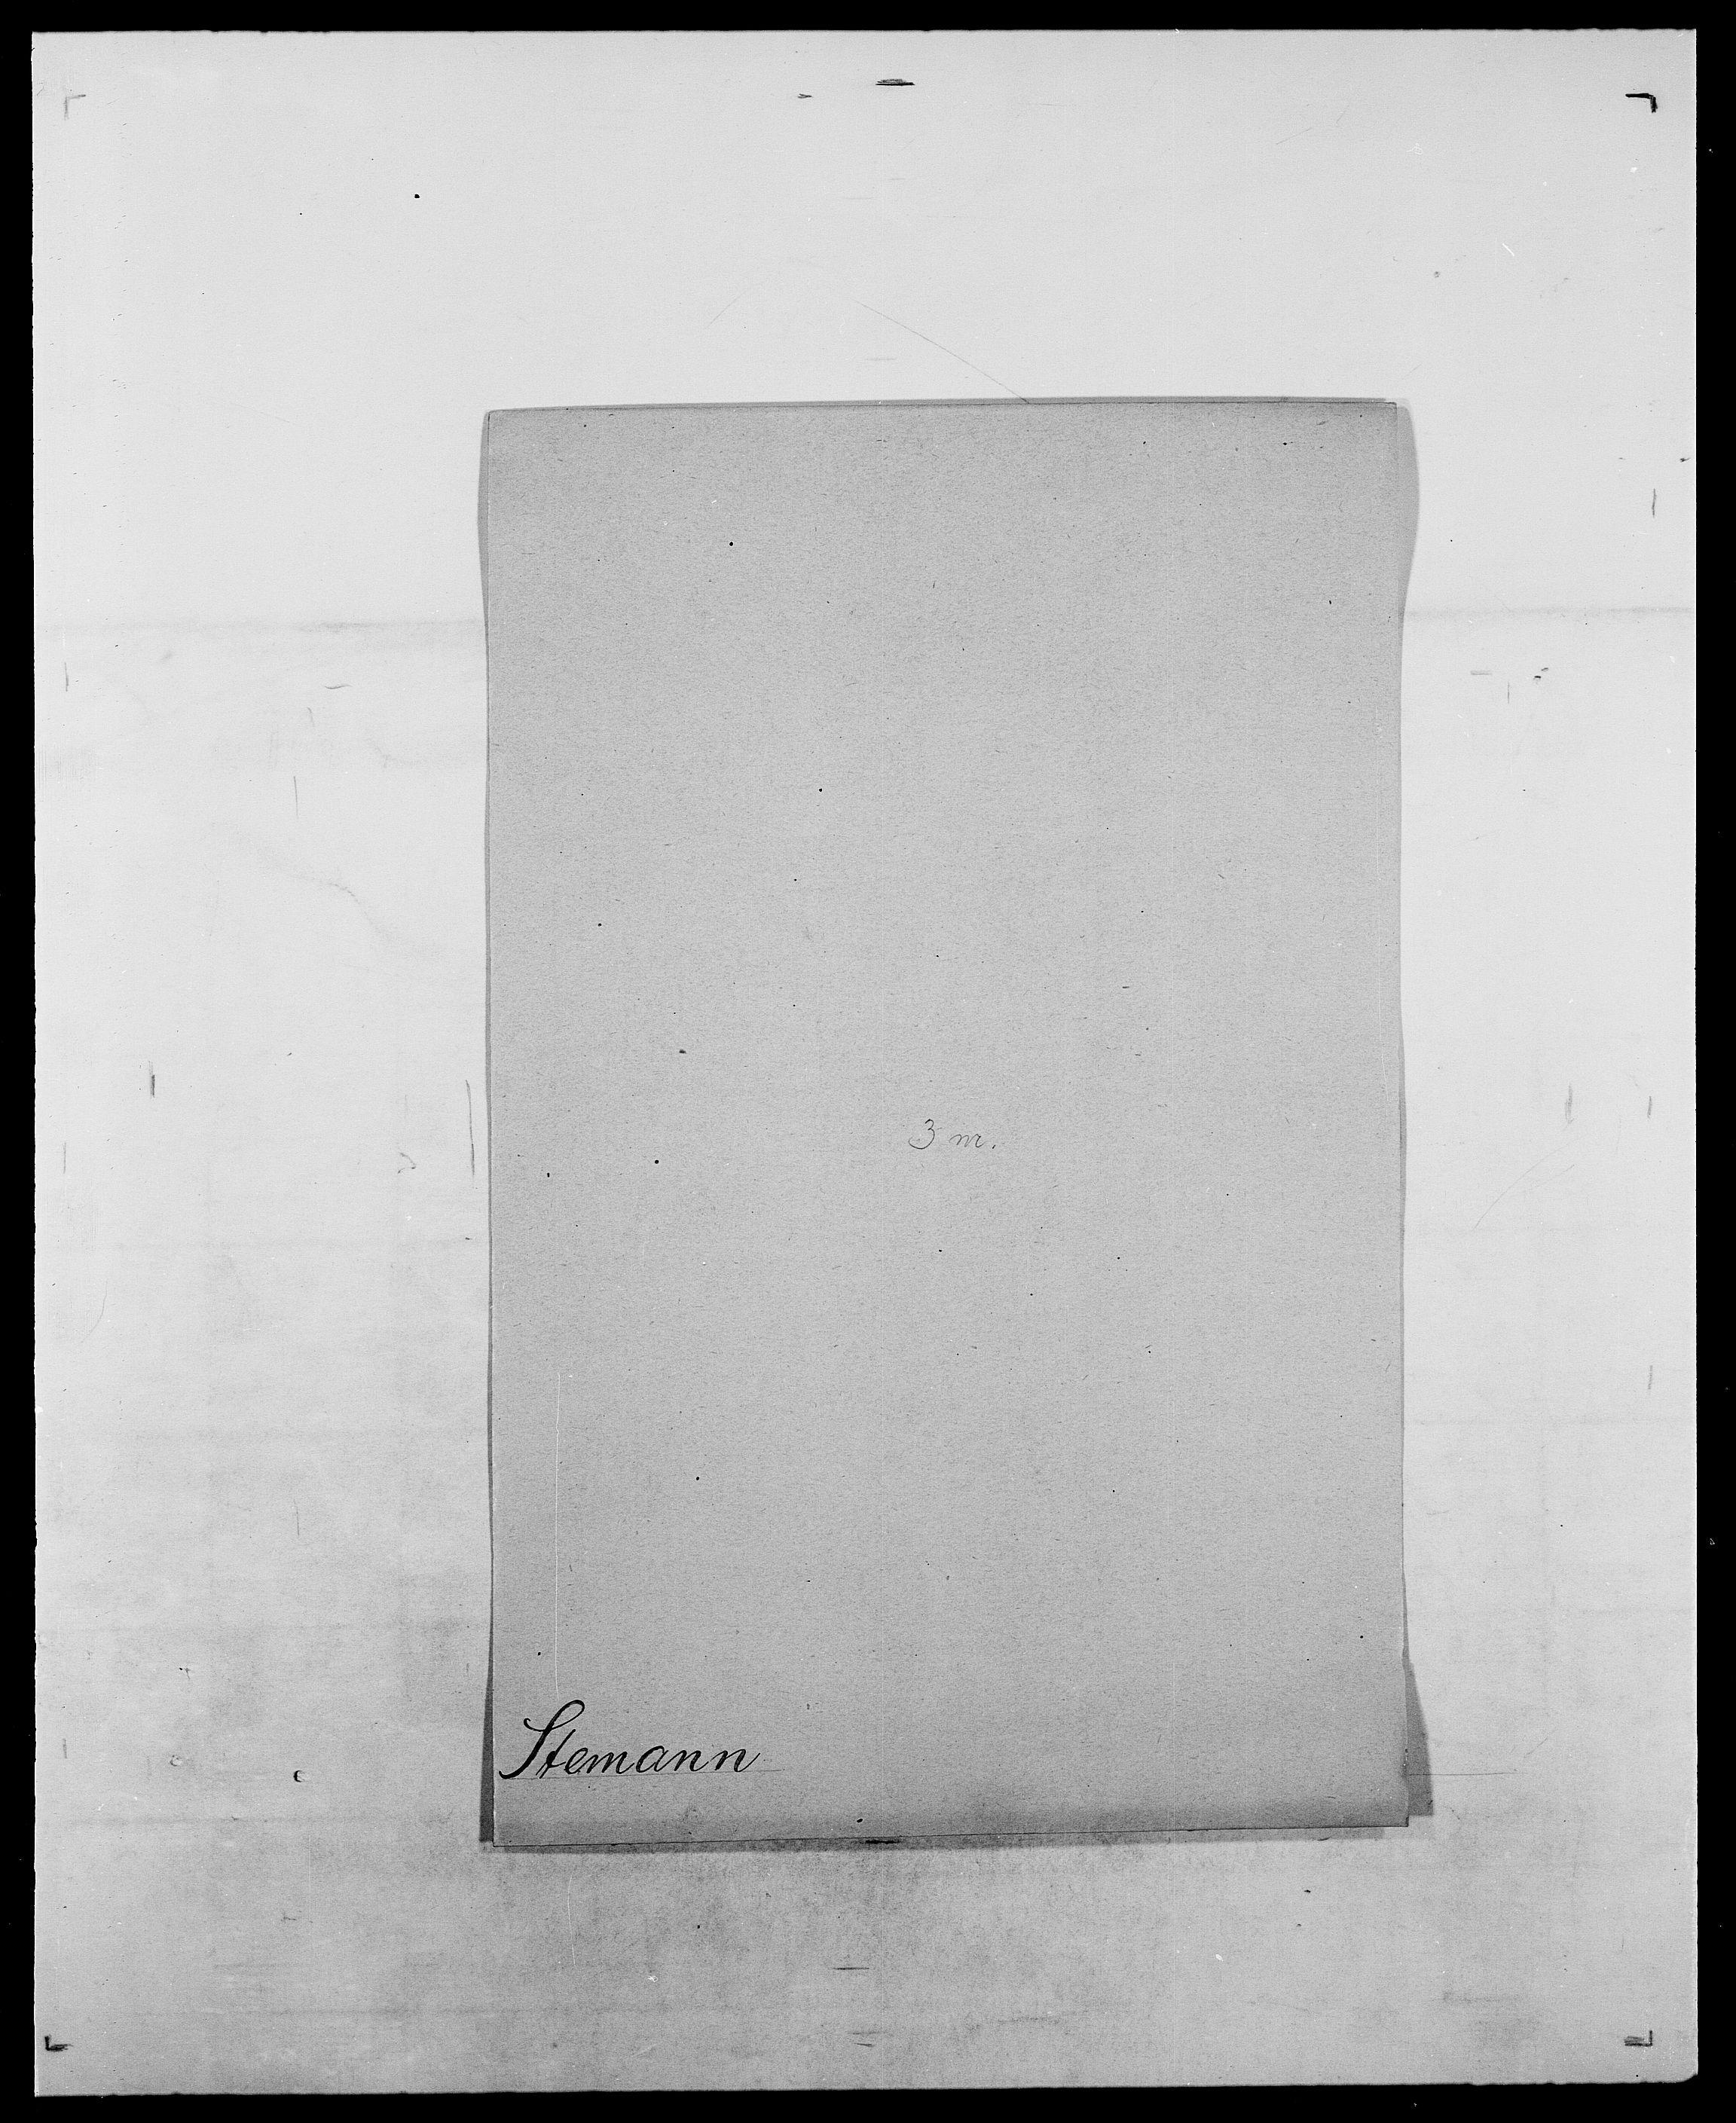 SAO, Delgobe, Charles Antoine - samling, D/Da/L0037: Steen, Sthen, Stein - Svare, Svanige, Svanne, se også Svanning og Schwane, s. 263